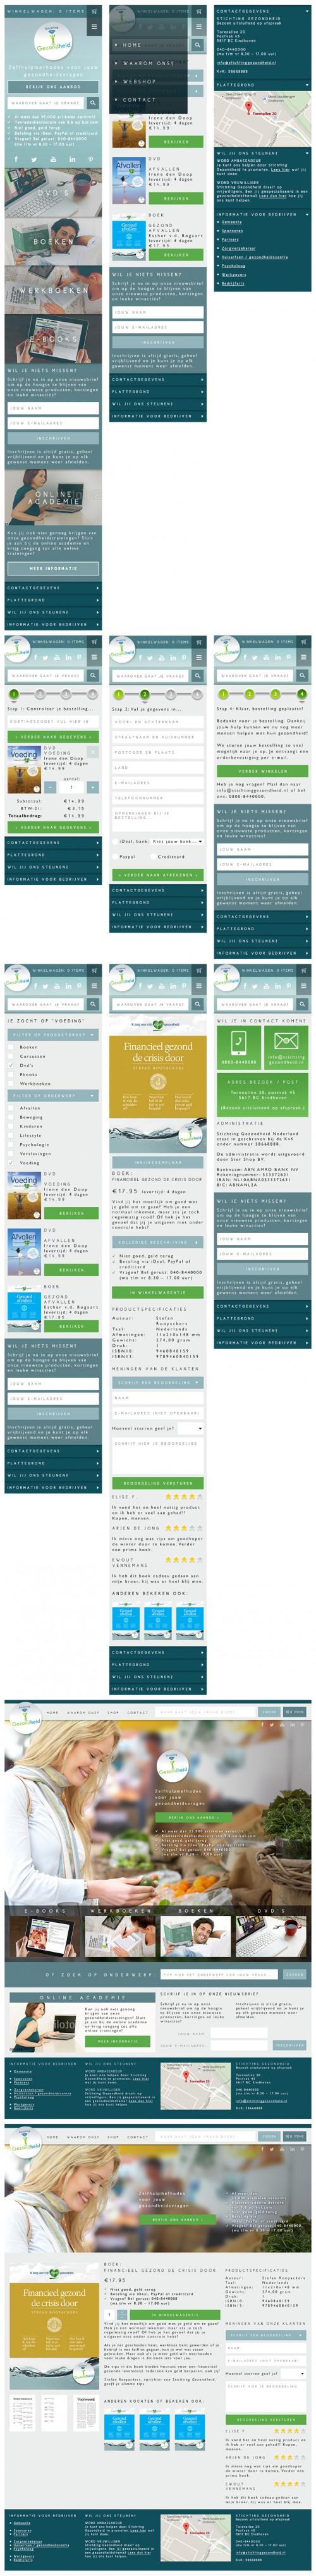 De ontwerpen voor de restyling van de Stichting Gezondheid consumentenwebsite